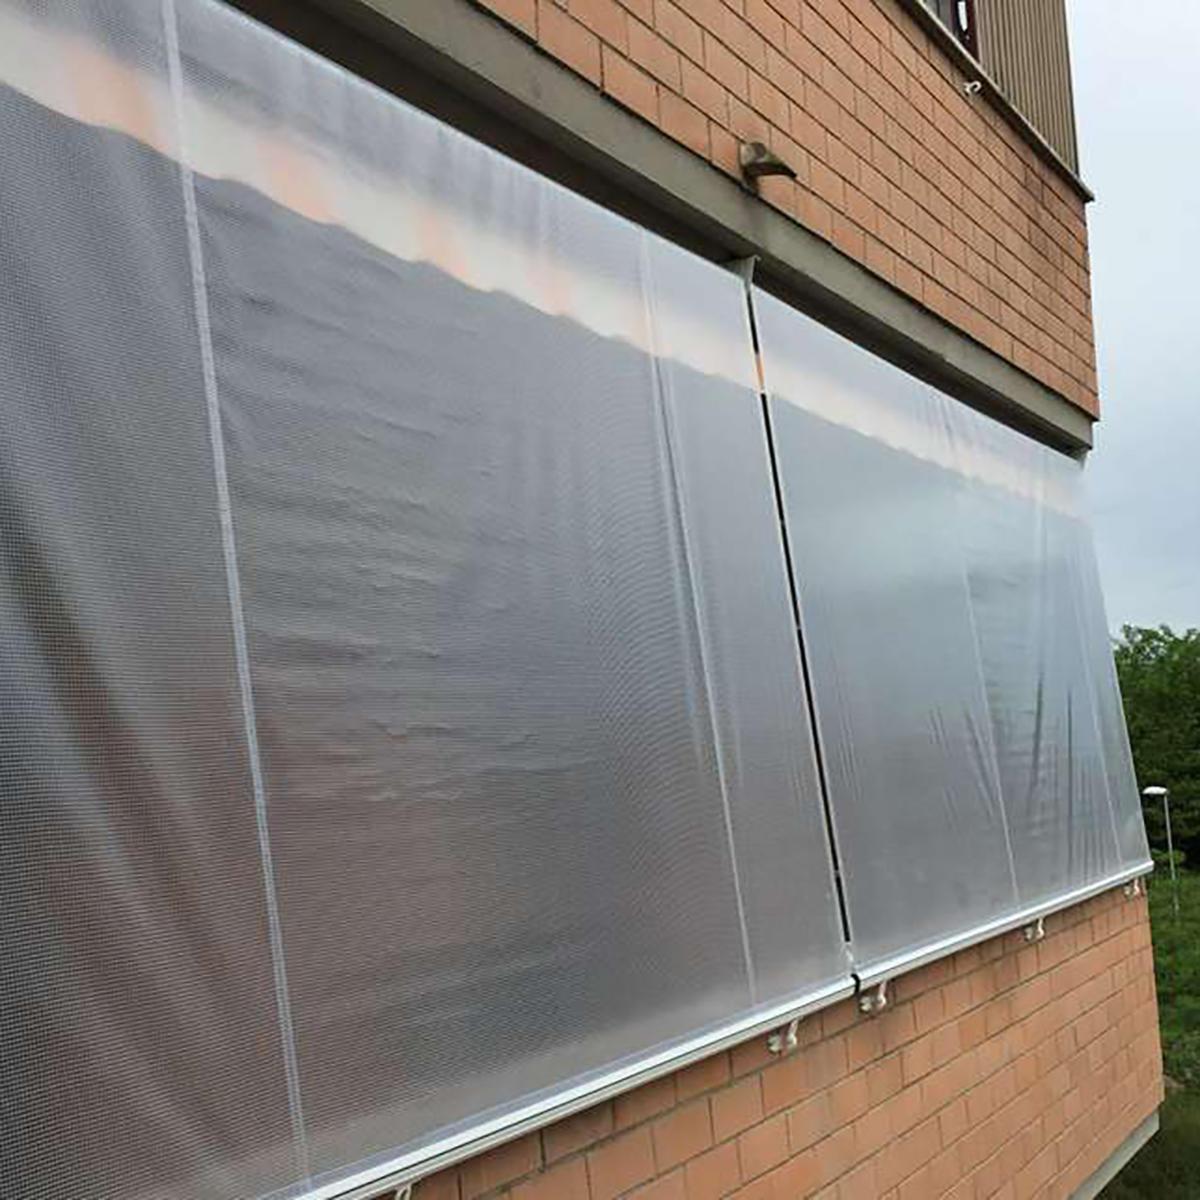 Telo protettivo in polietilene occhiellato retinato L 2 m x H 300 cm 150 g/m² - 3